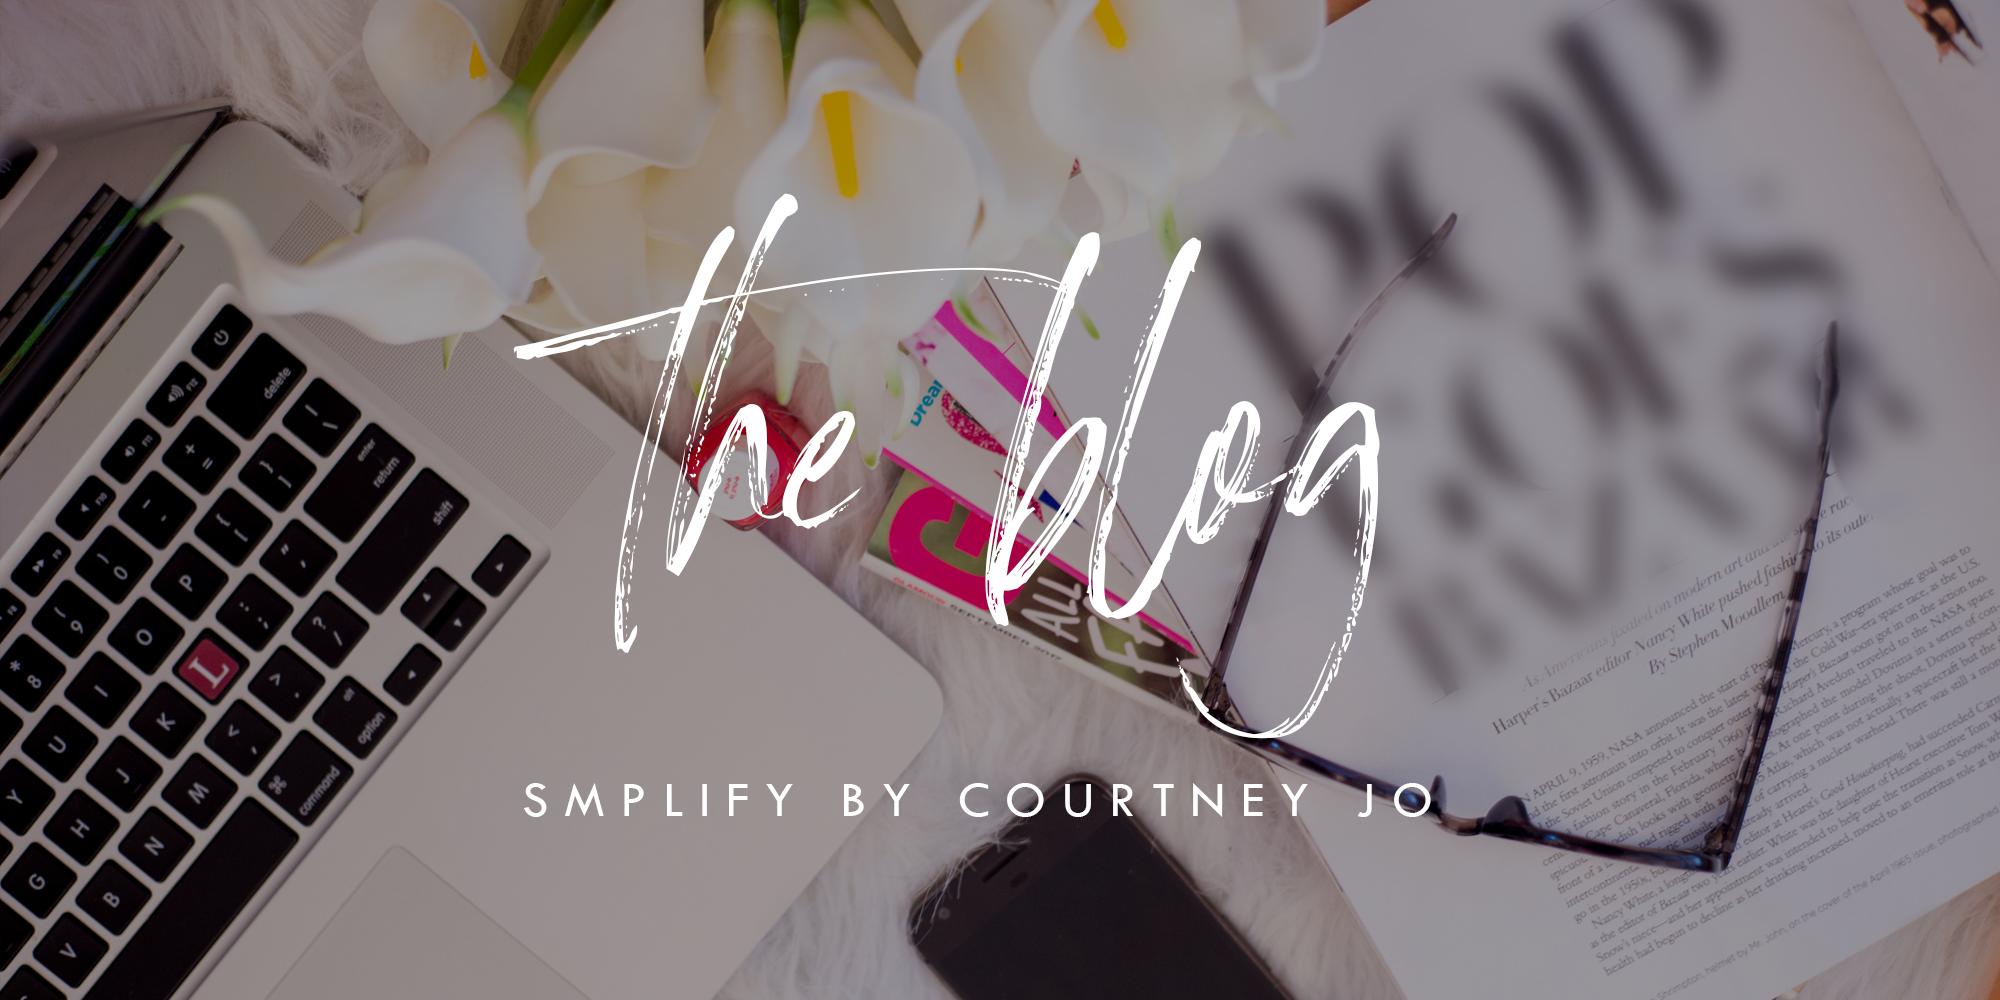 smplify_blogheader.png